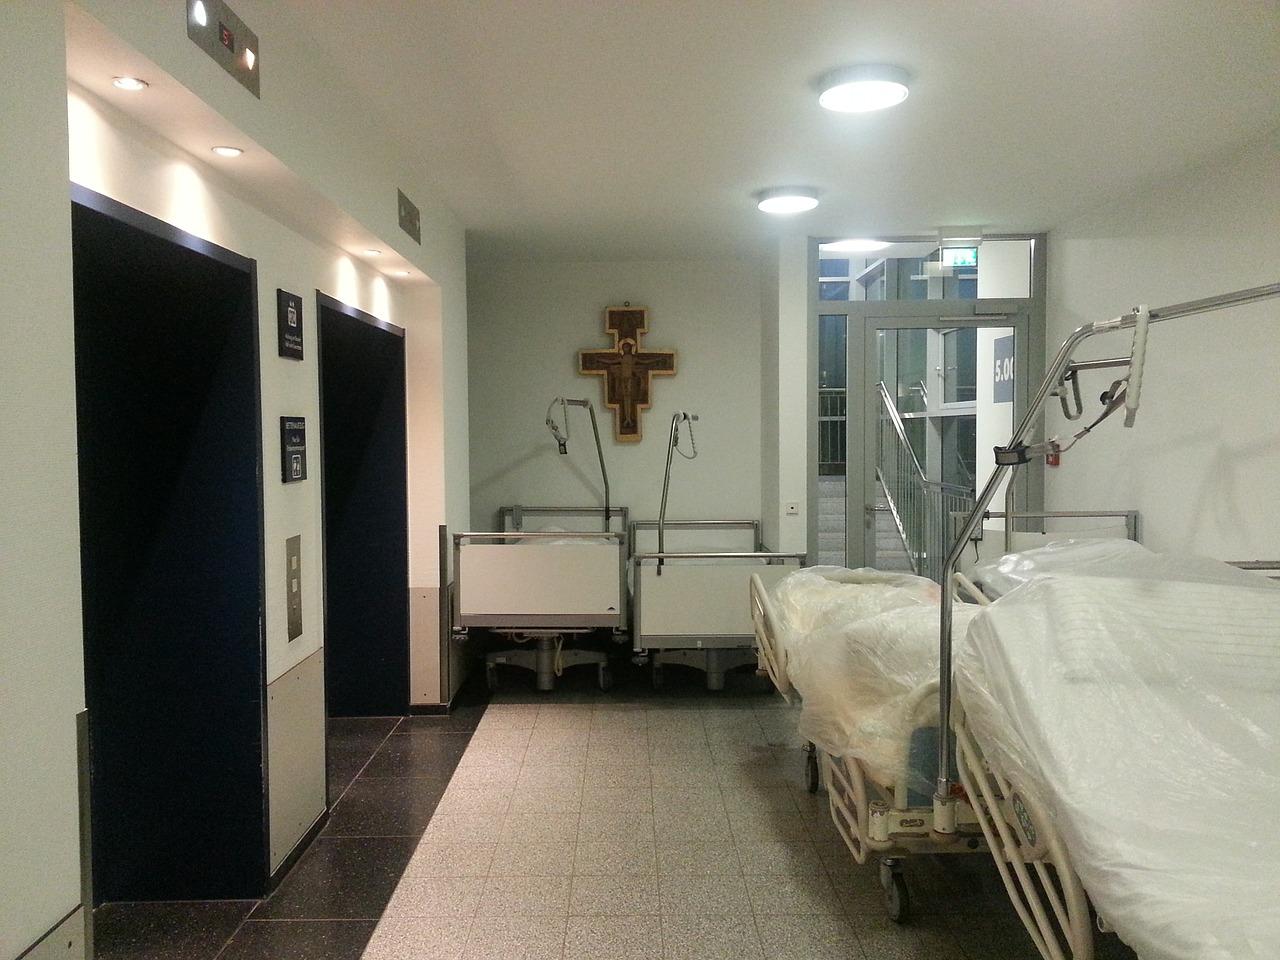 55enne entra in ospedale per fare un esame e viene violentata: shock nel salernitano